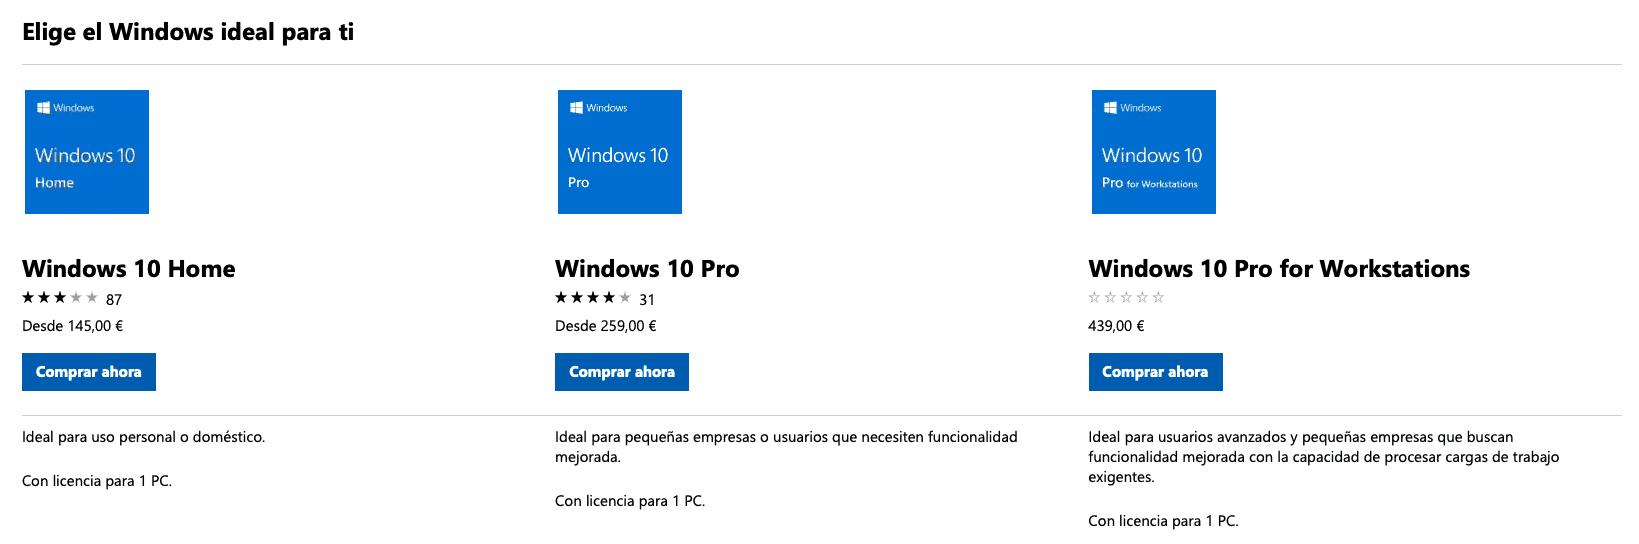 Cuanto cuesta Windows 10